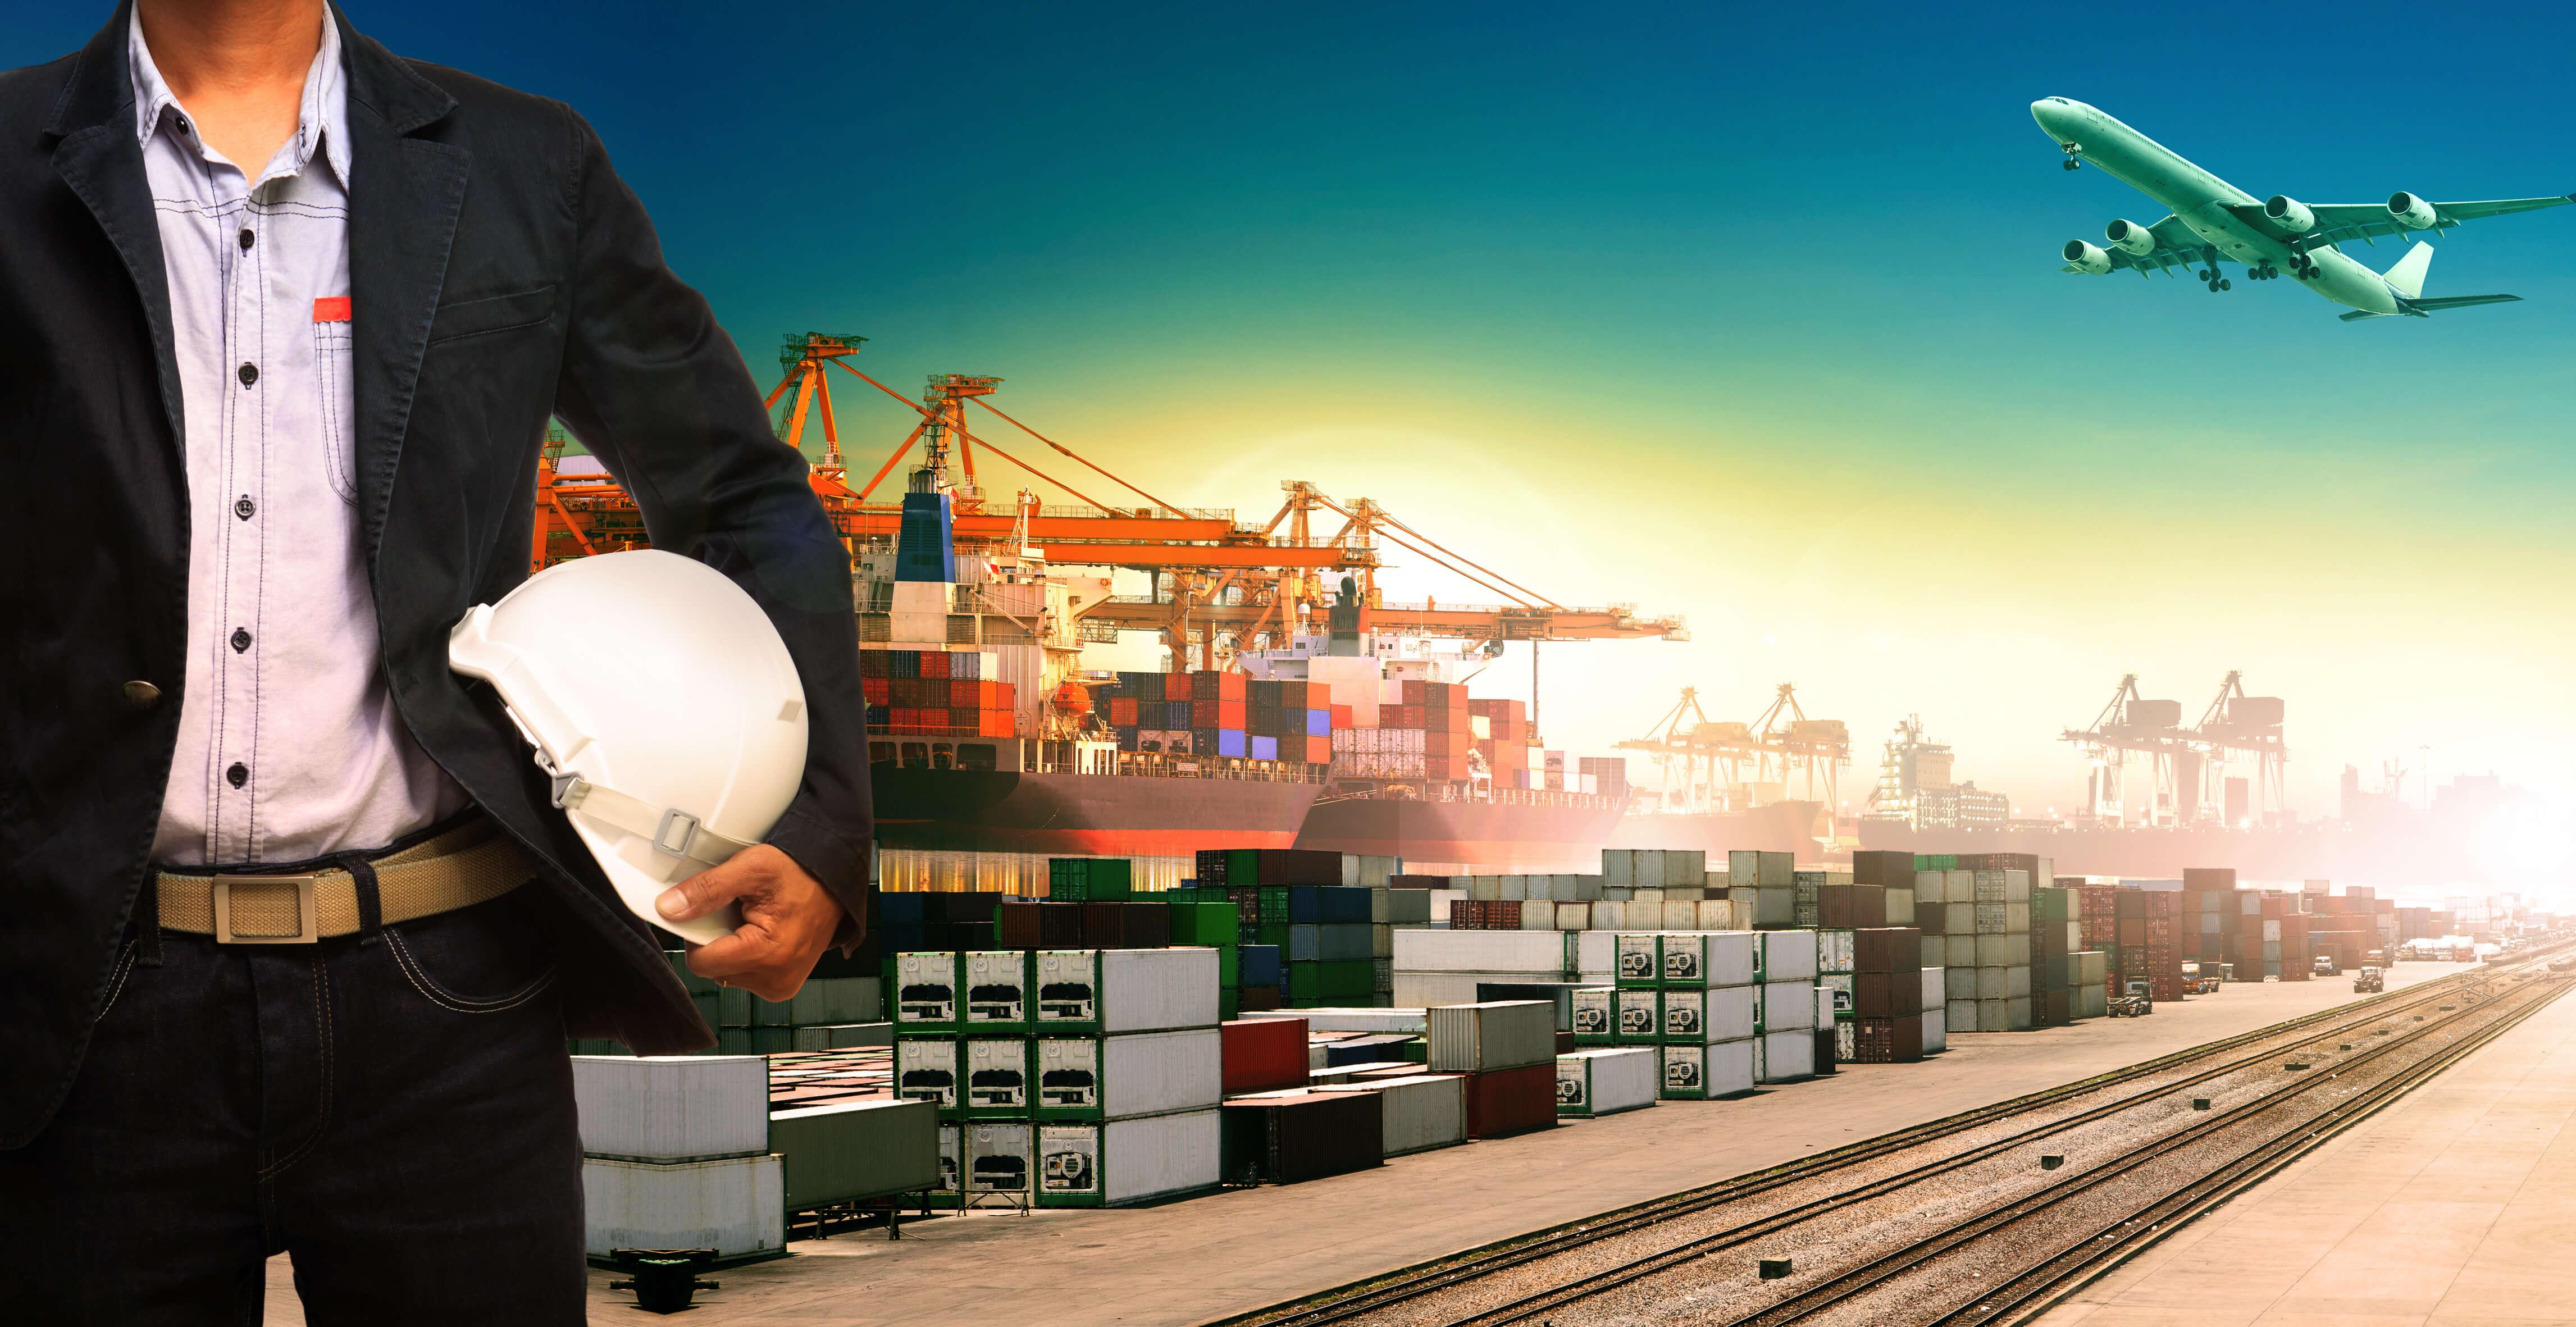 Dịch vụ xuất nhập khẩu - TIN loigistics (ANK)